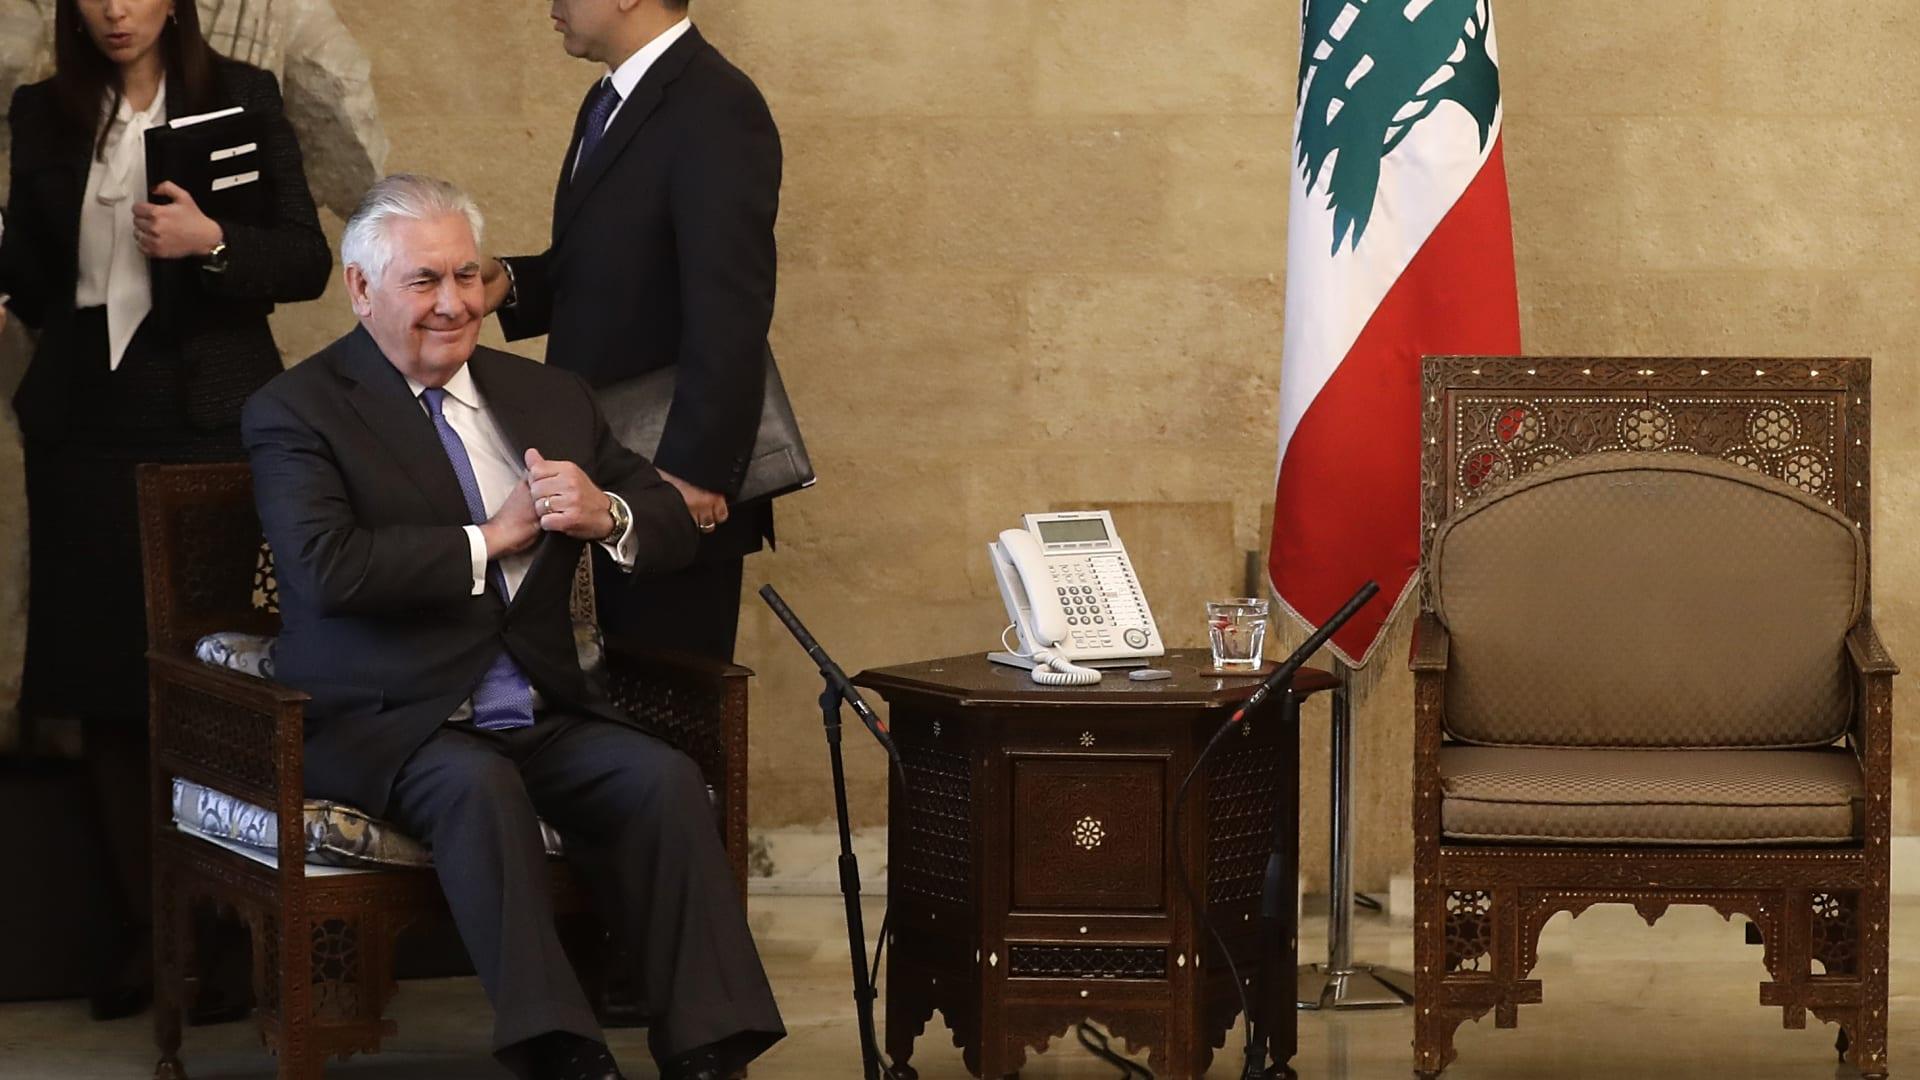 رئاسة لبنان تنفي خرق البروتوكول بعد صور تيلرسون والكرسي الفارغ